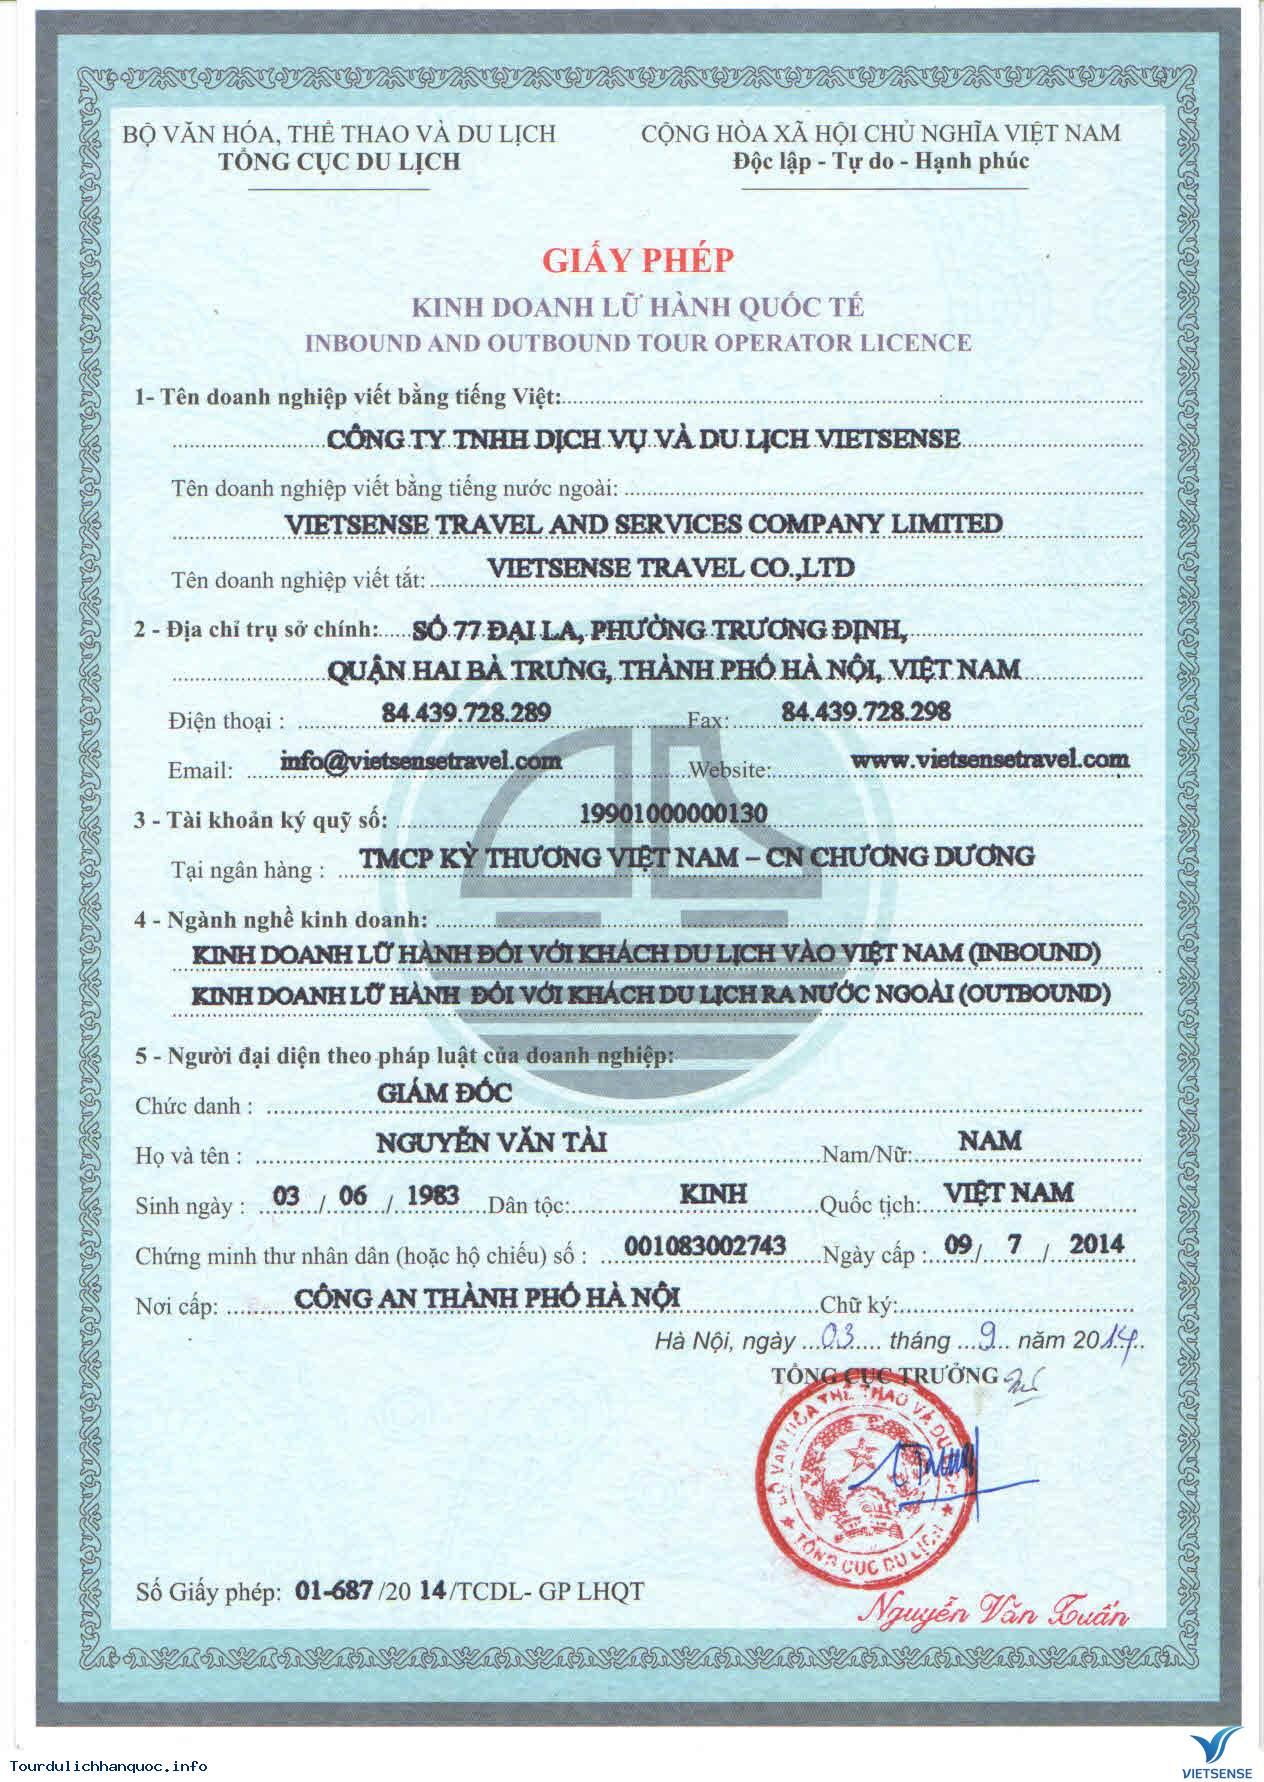 Quá Trình Hình Thành Và Phát Triển Của Công Ty Du Lịch Vietsense - Ảnh 1